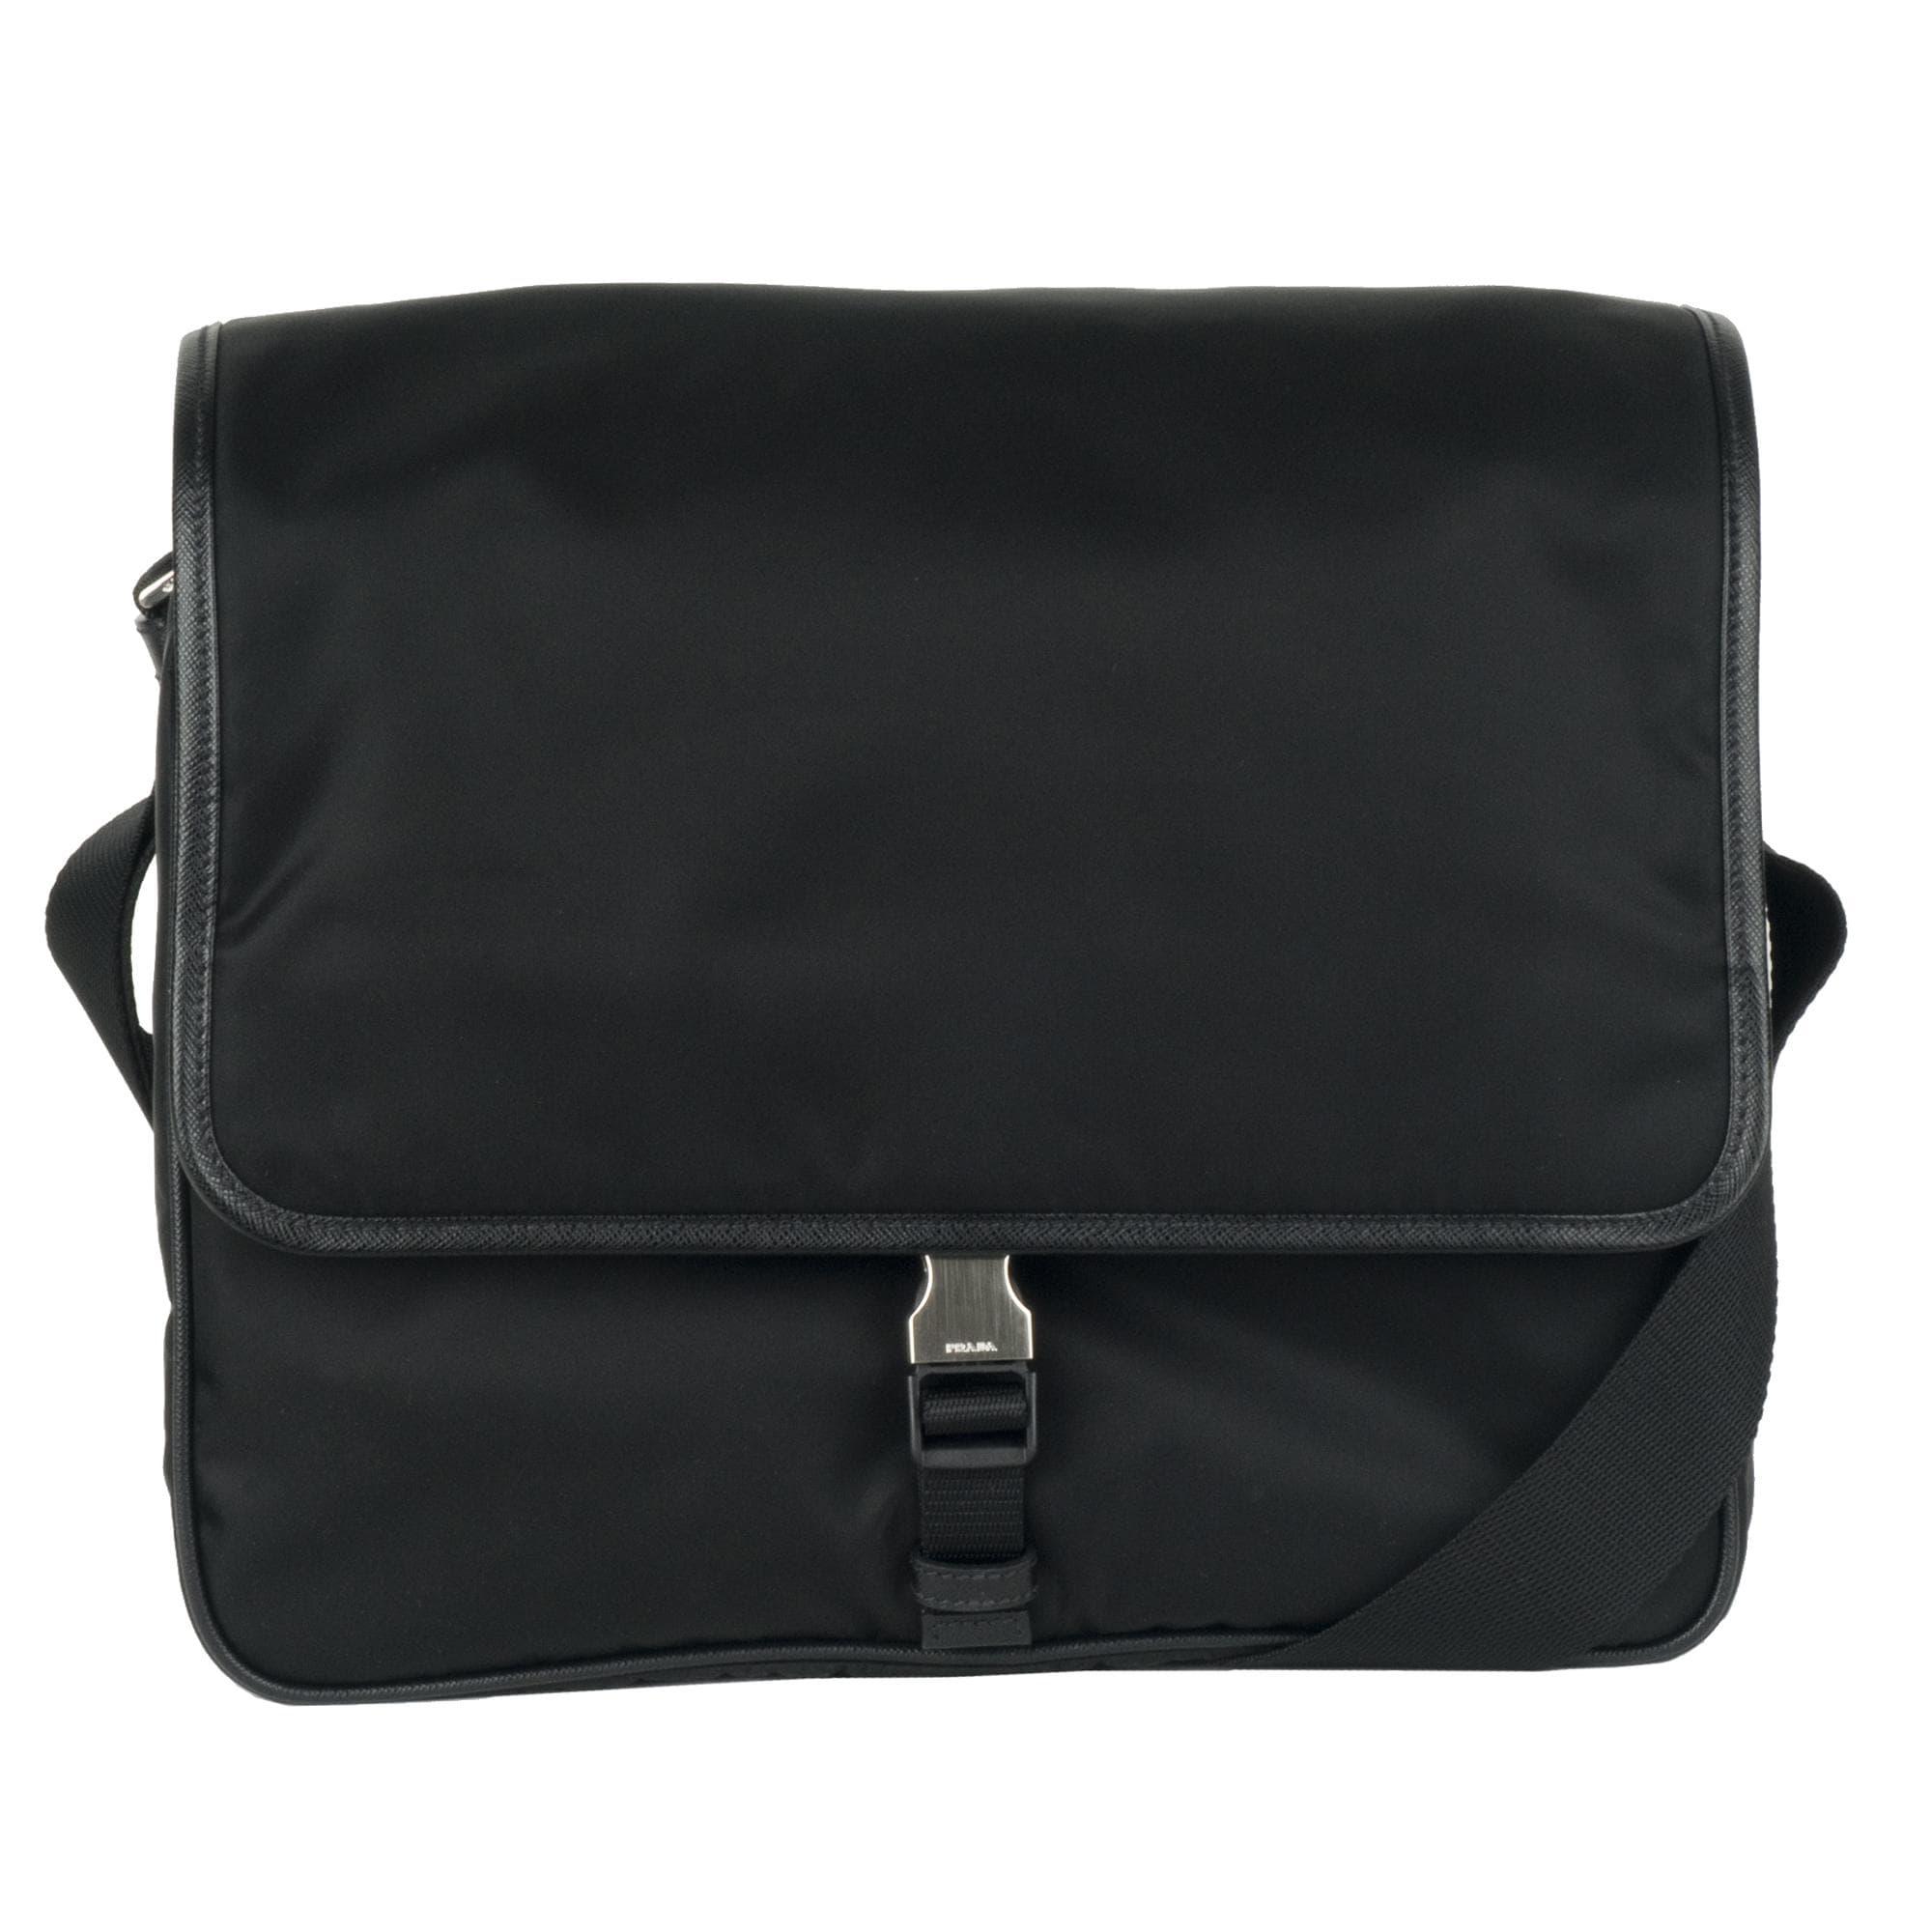 221706b18586 ... wholesale prada v166 nylon messenger bag 13443427 overstock shopping .  baa8e 1c512